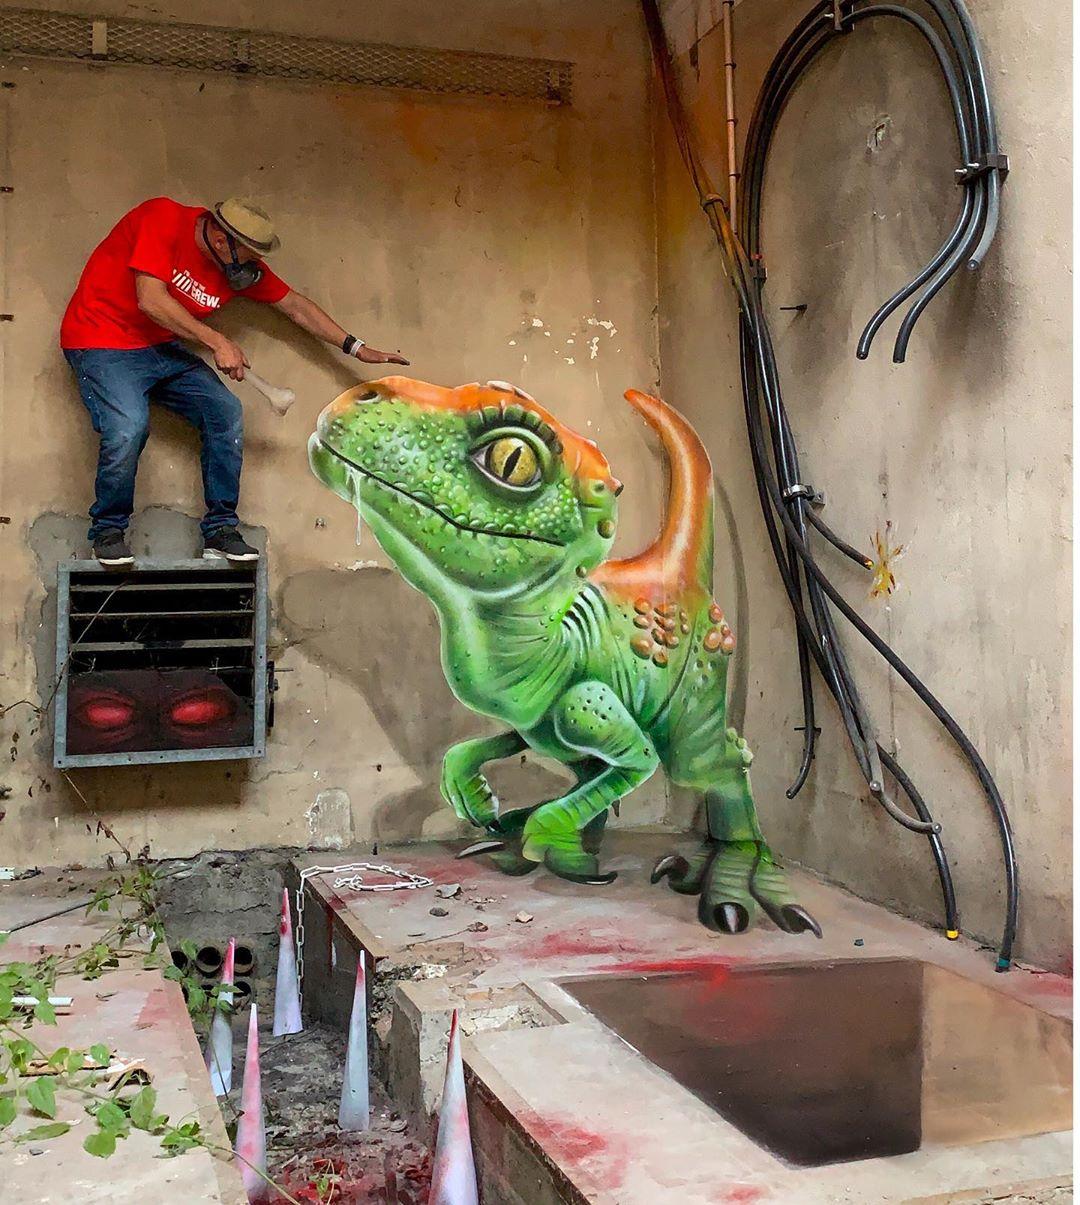 французский уличный художник Скаф  (5).jpg